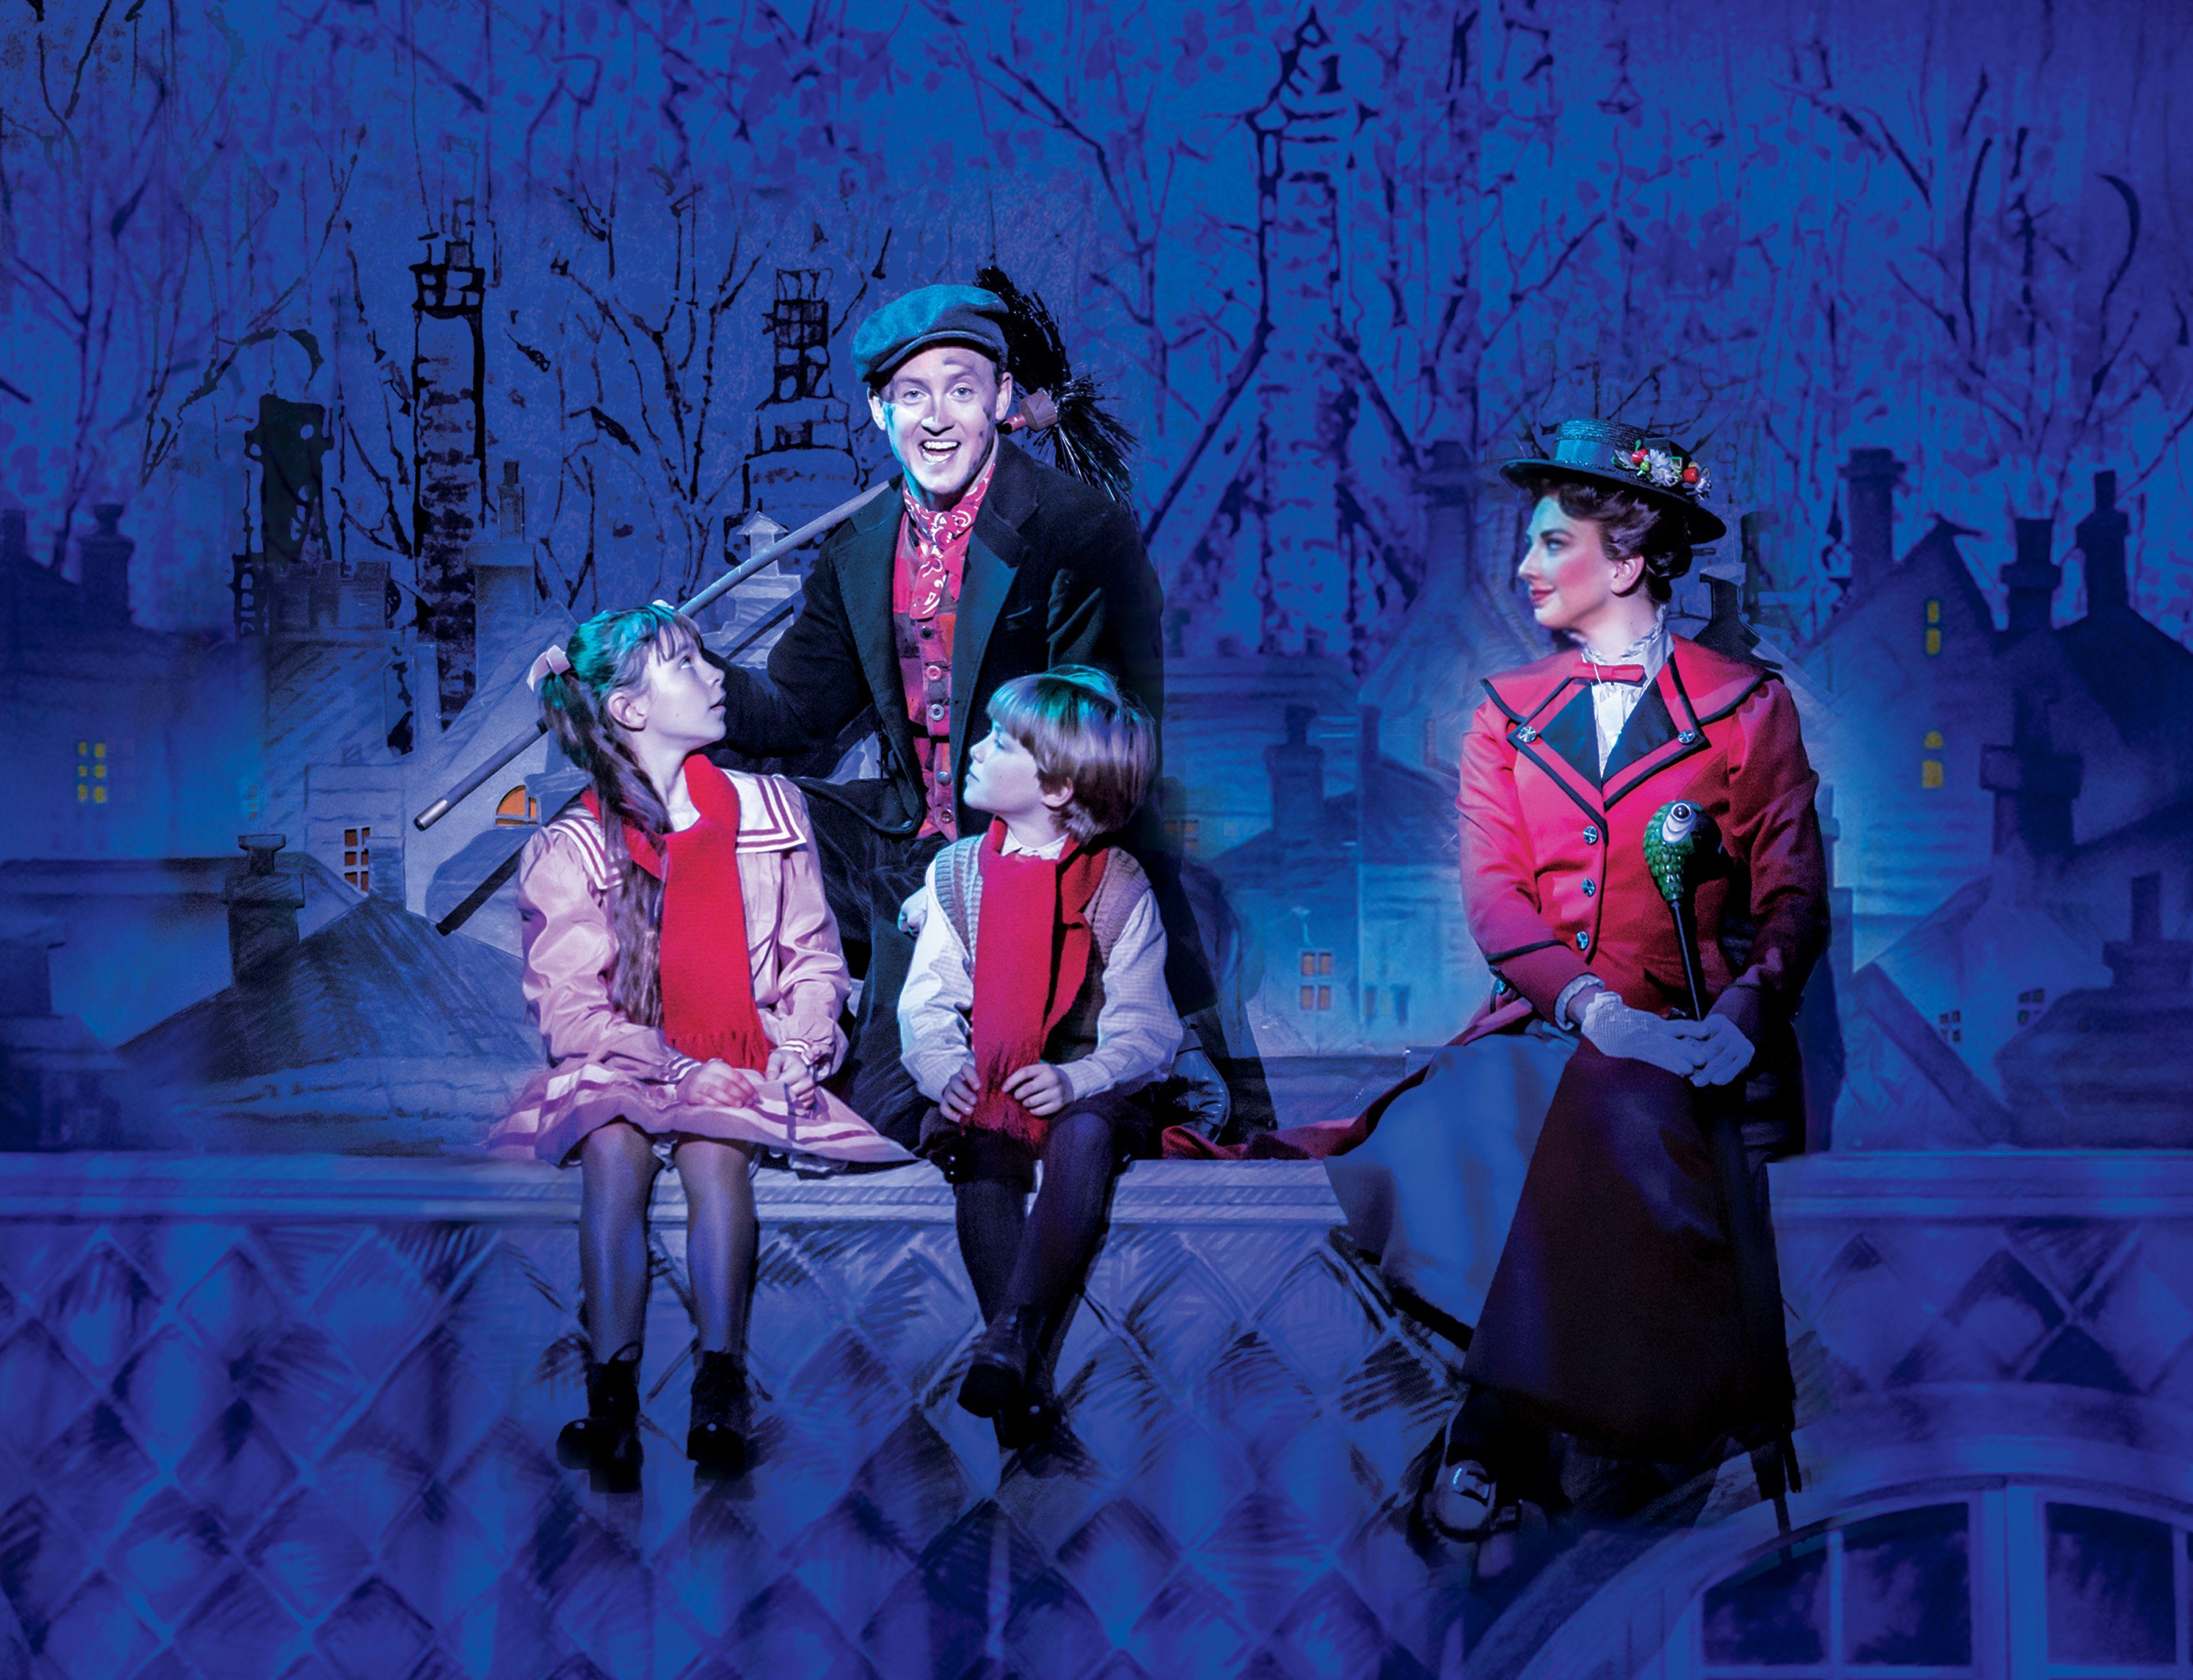 mary poppins musical stuttgart # 4